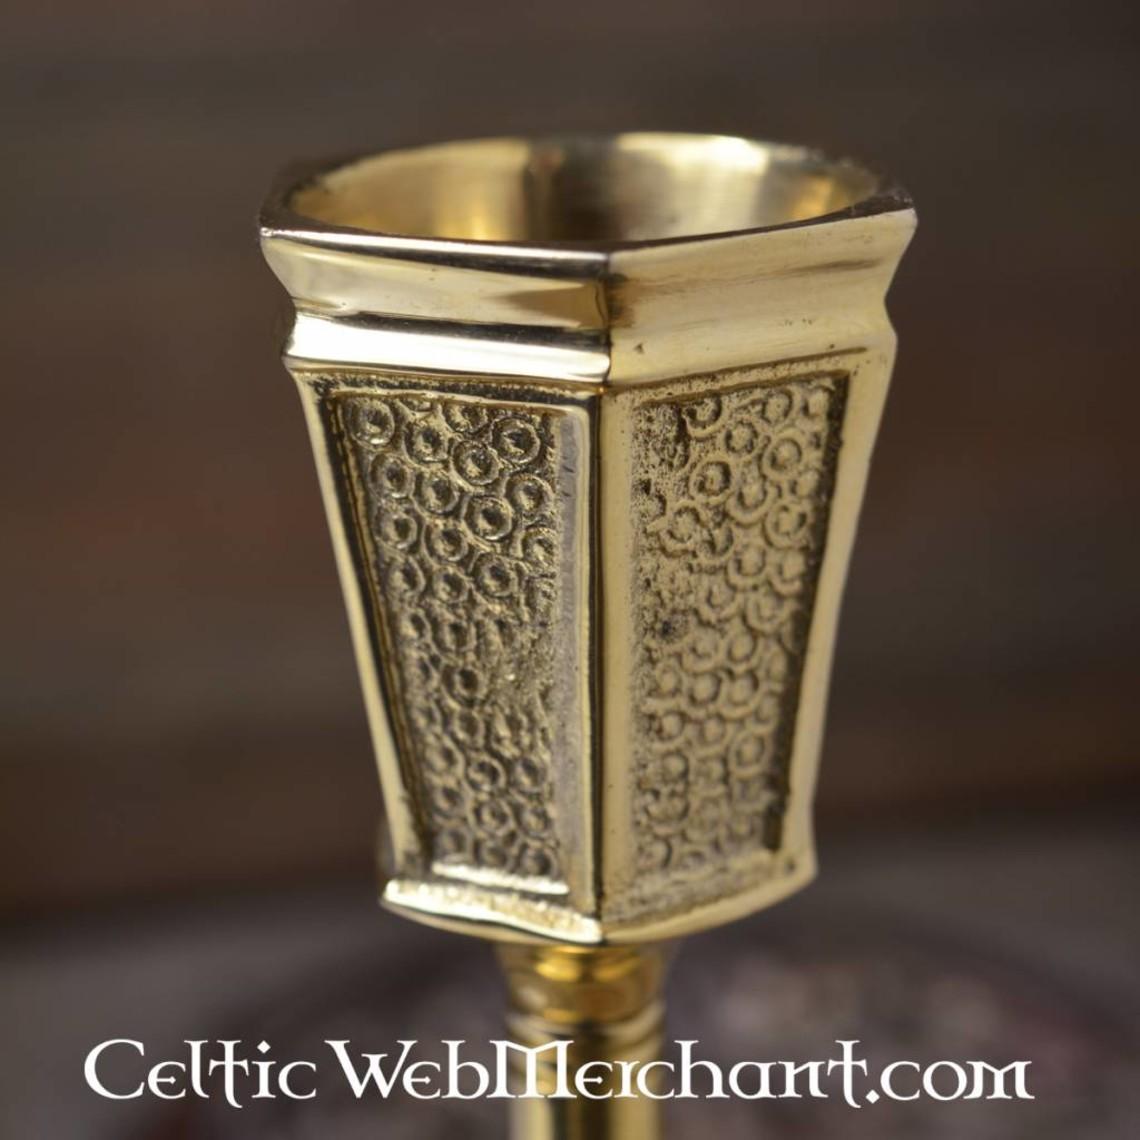 Deepeeka Medieval candlestick